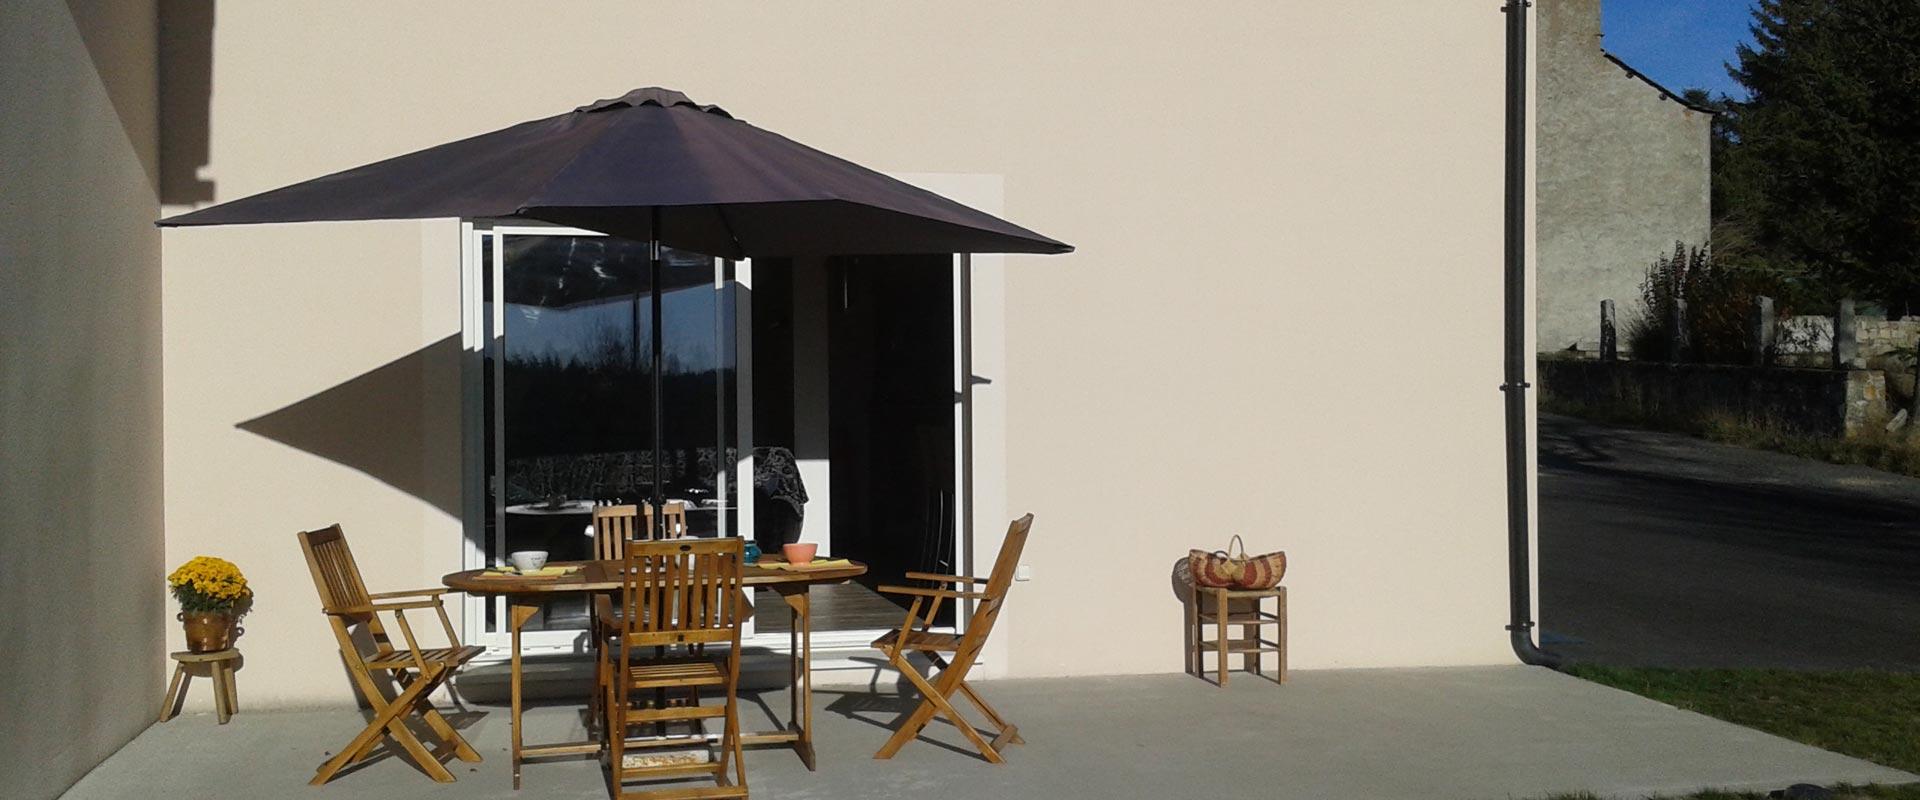 Aménagement extéreur, la terrasse avec salon de jardin teck + parasol du gîte Lou Saltret en Lozère